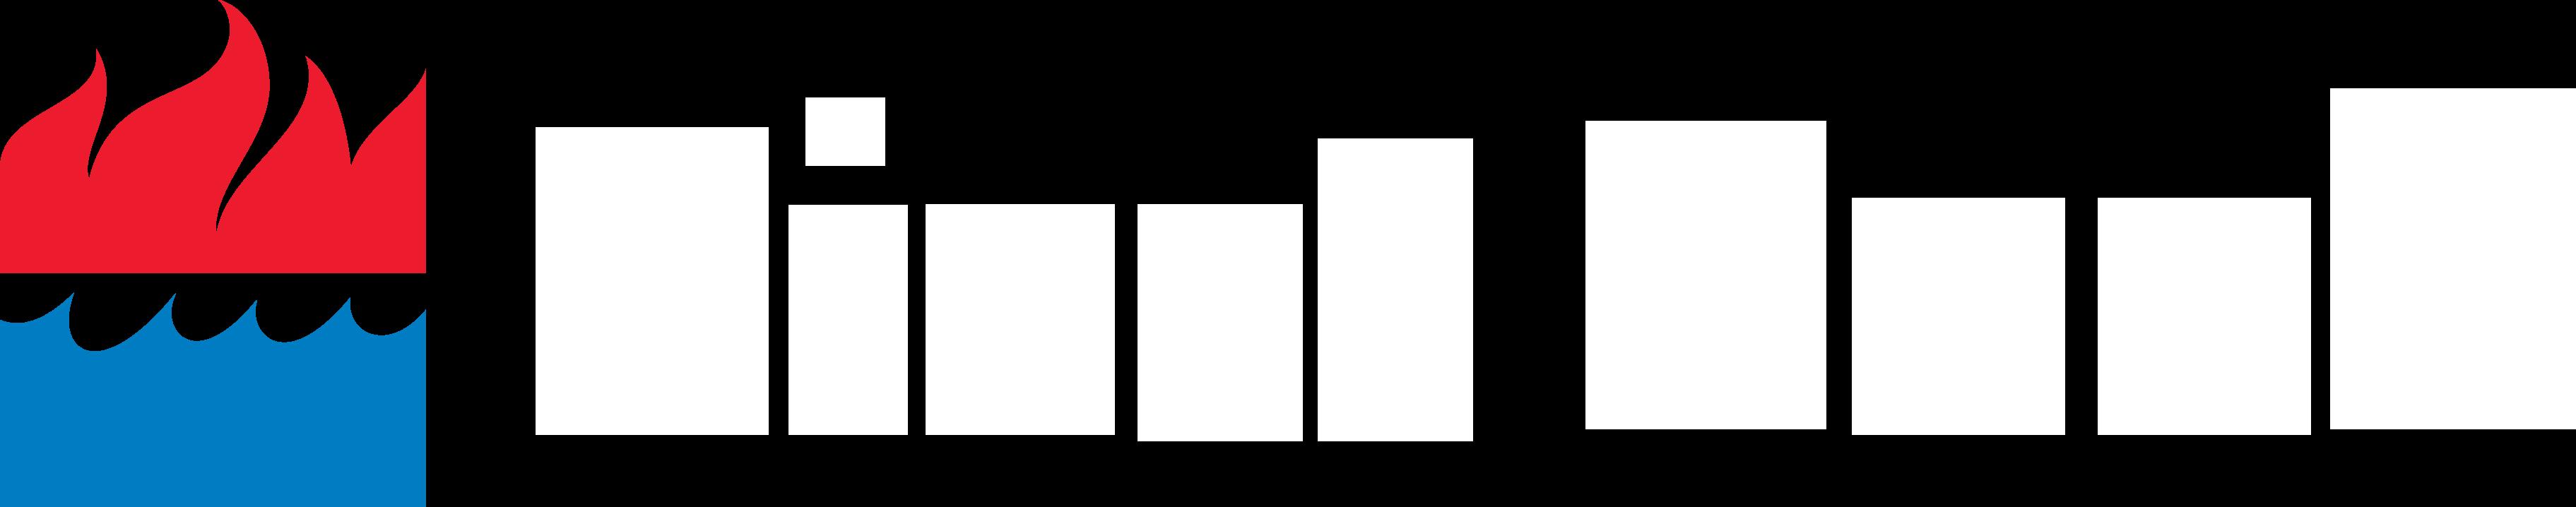 FirstBook_Banner_Long